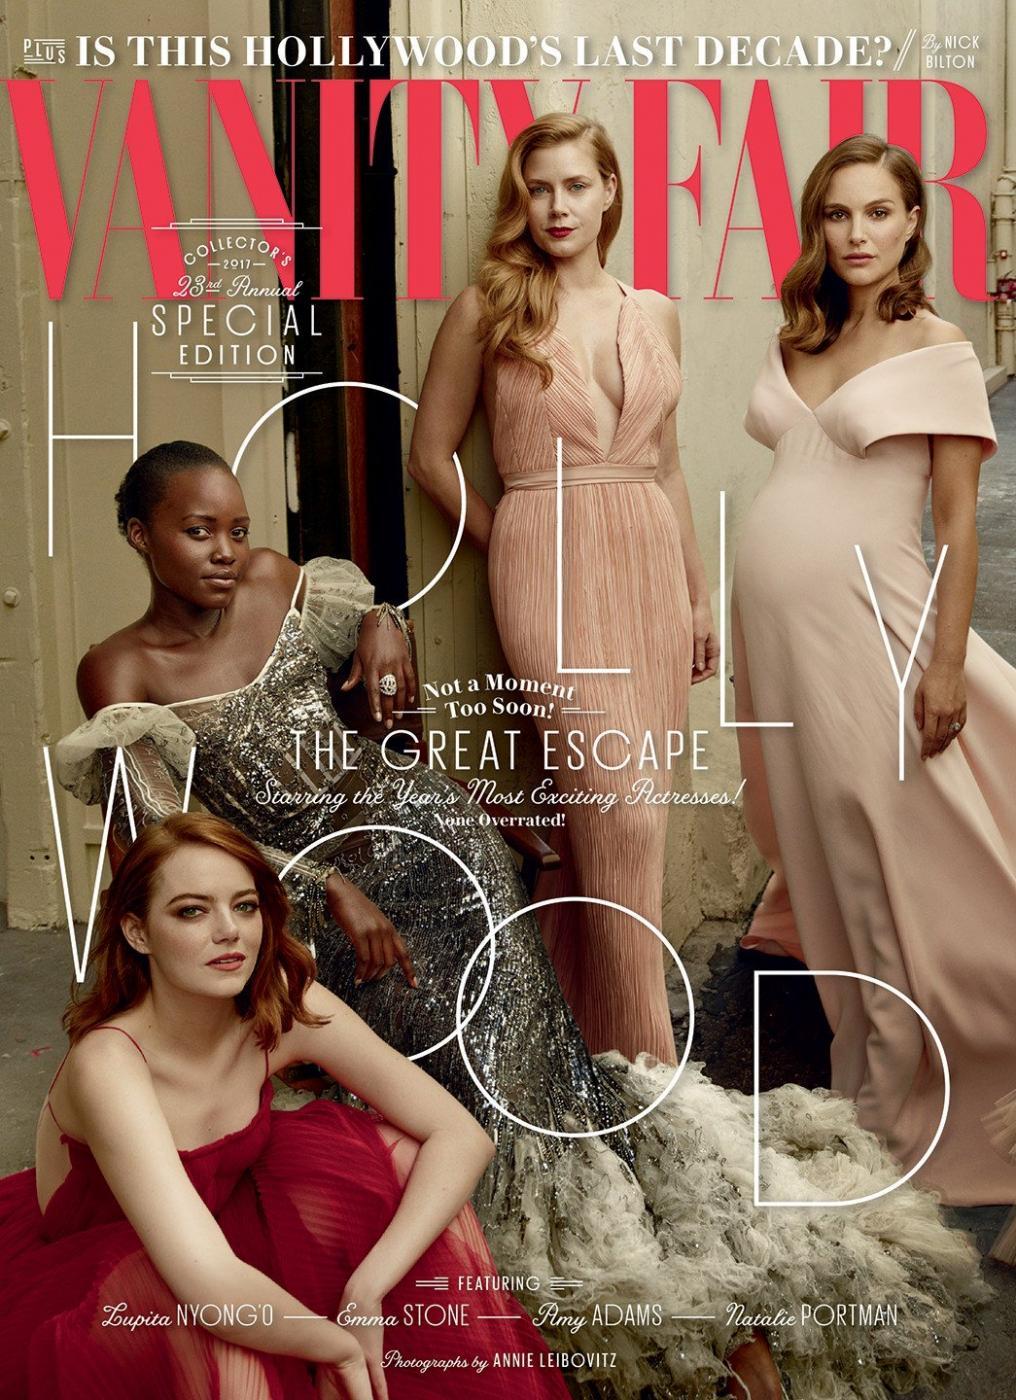 11 лучших голливудских актрис в спецвыпуске Vanity Fair